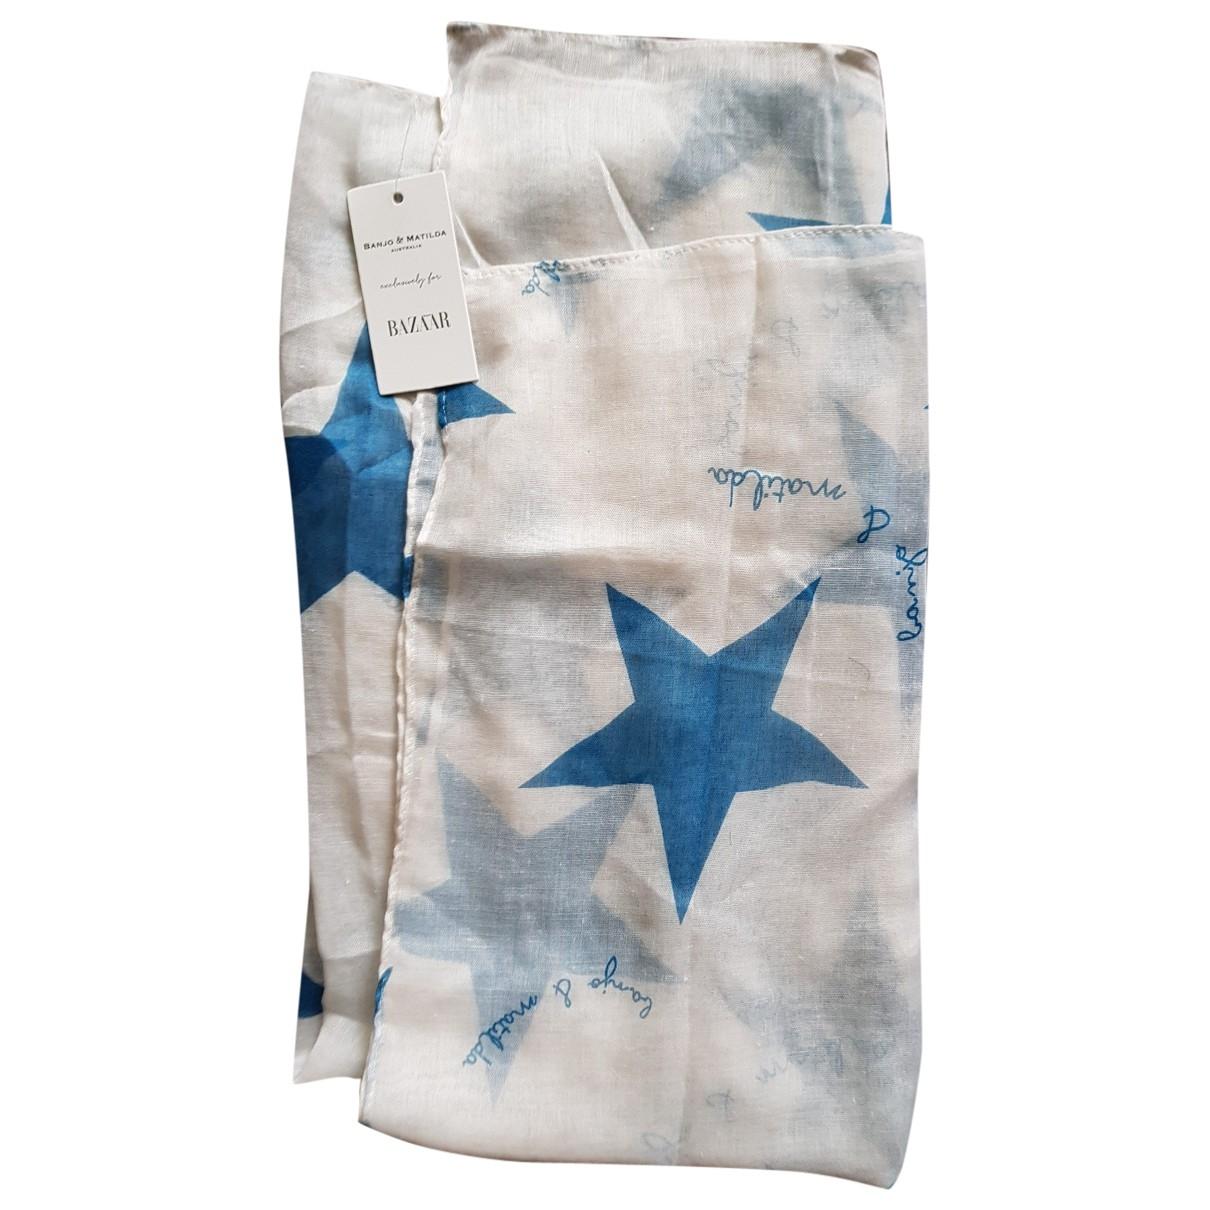 Banjo & Matilda \N Blue scarf for Women \N